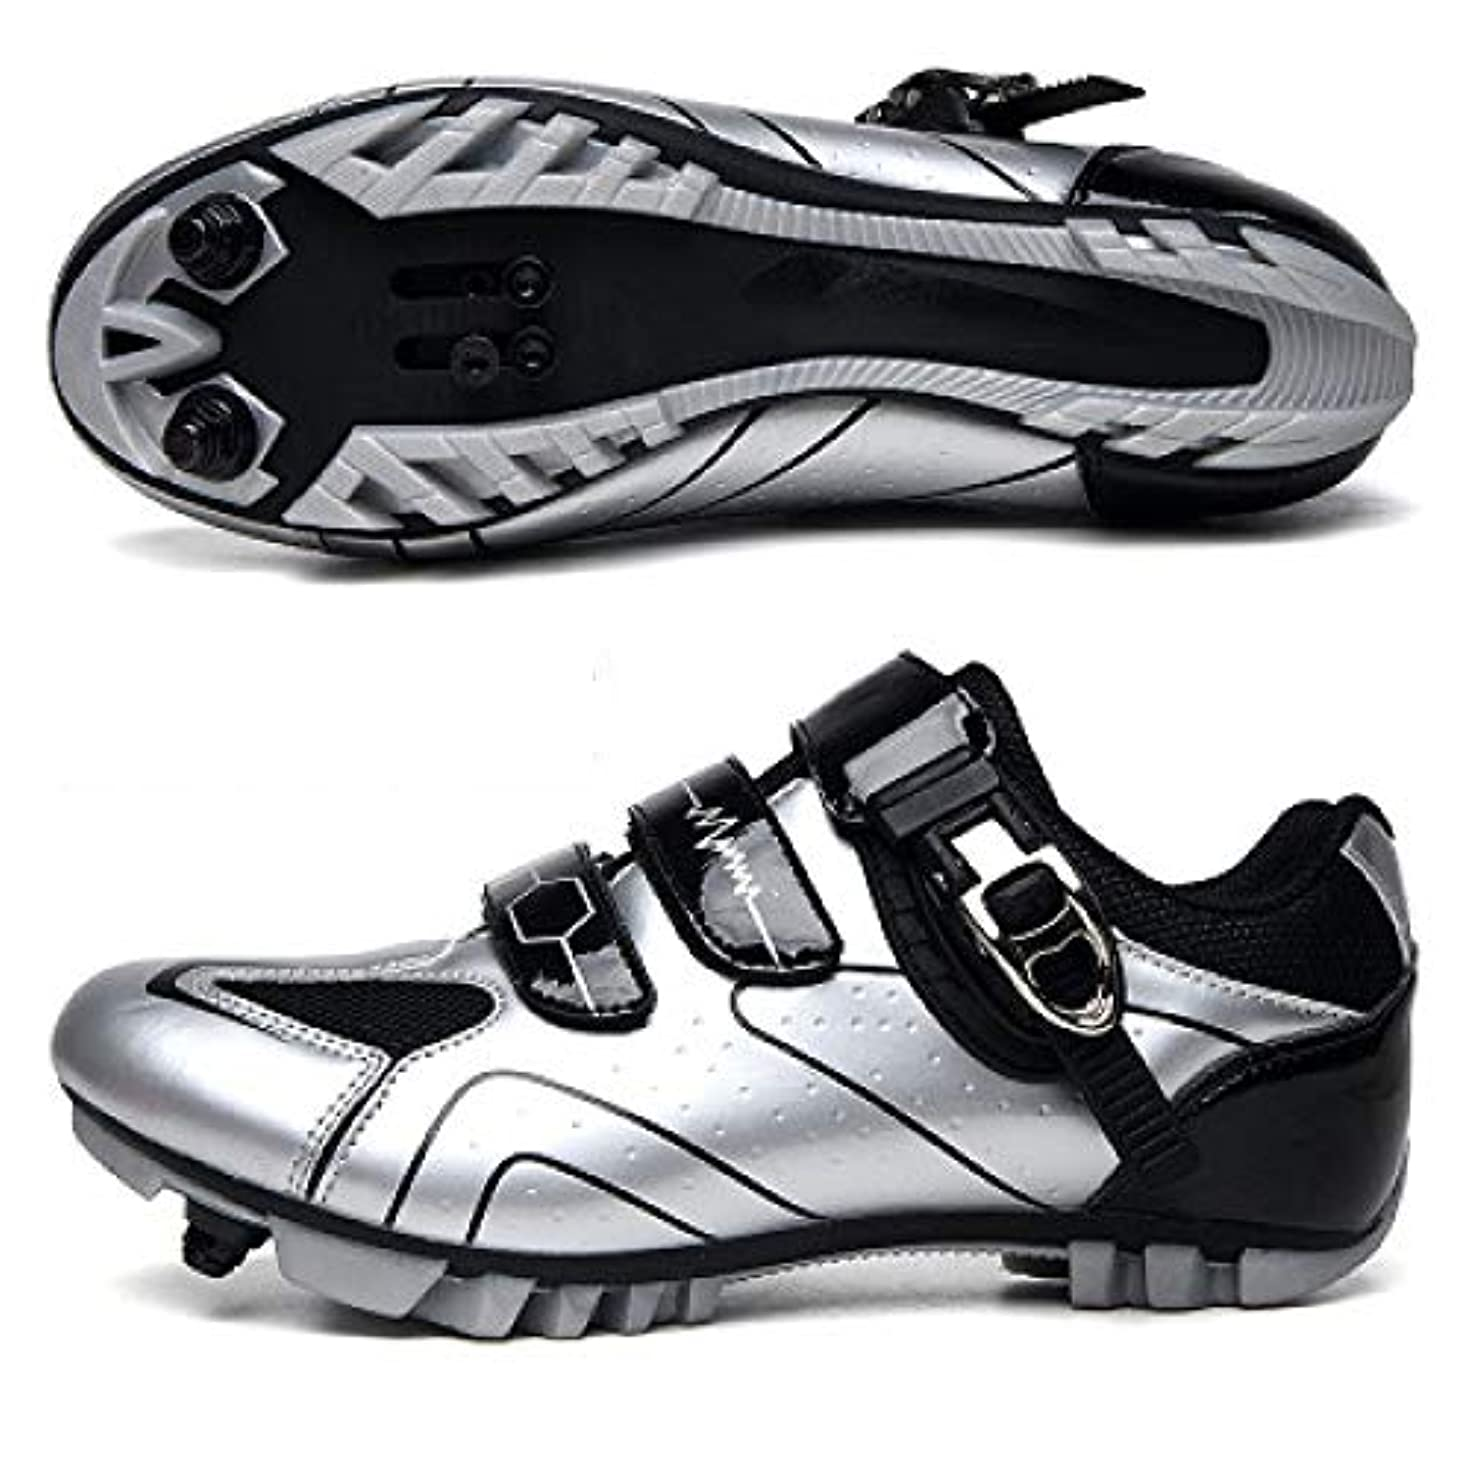 ハーブ花輪マイナー自転車用シューズロードサイクリングシューズメンズロードバイクシューズ超軽量自転車スポーツシューズセルフロックプロフェッショナル通気性,Silver-44EU